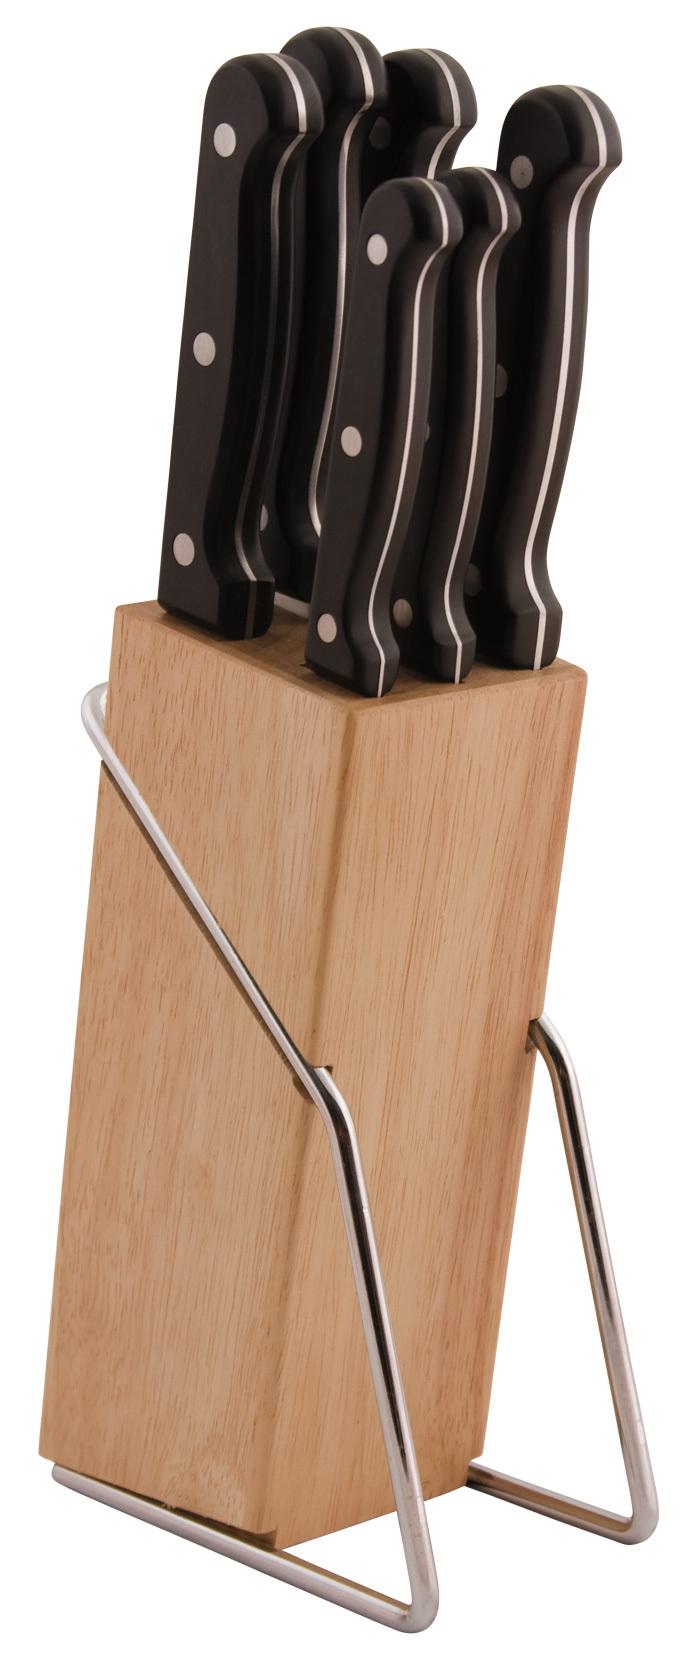 Набор ножей 7 предметов, артикул 24300-SKS01, производитель - Atlantis